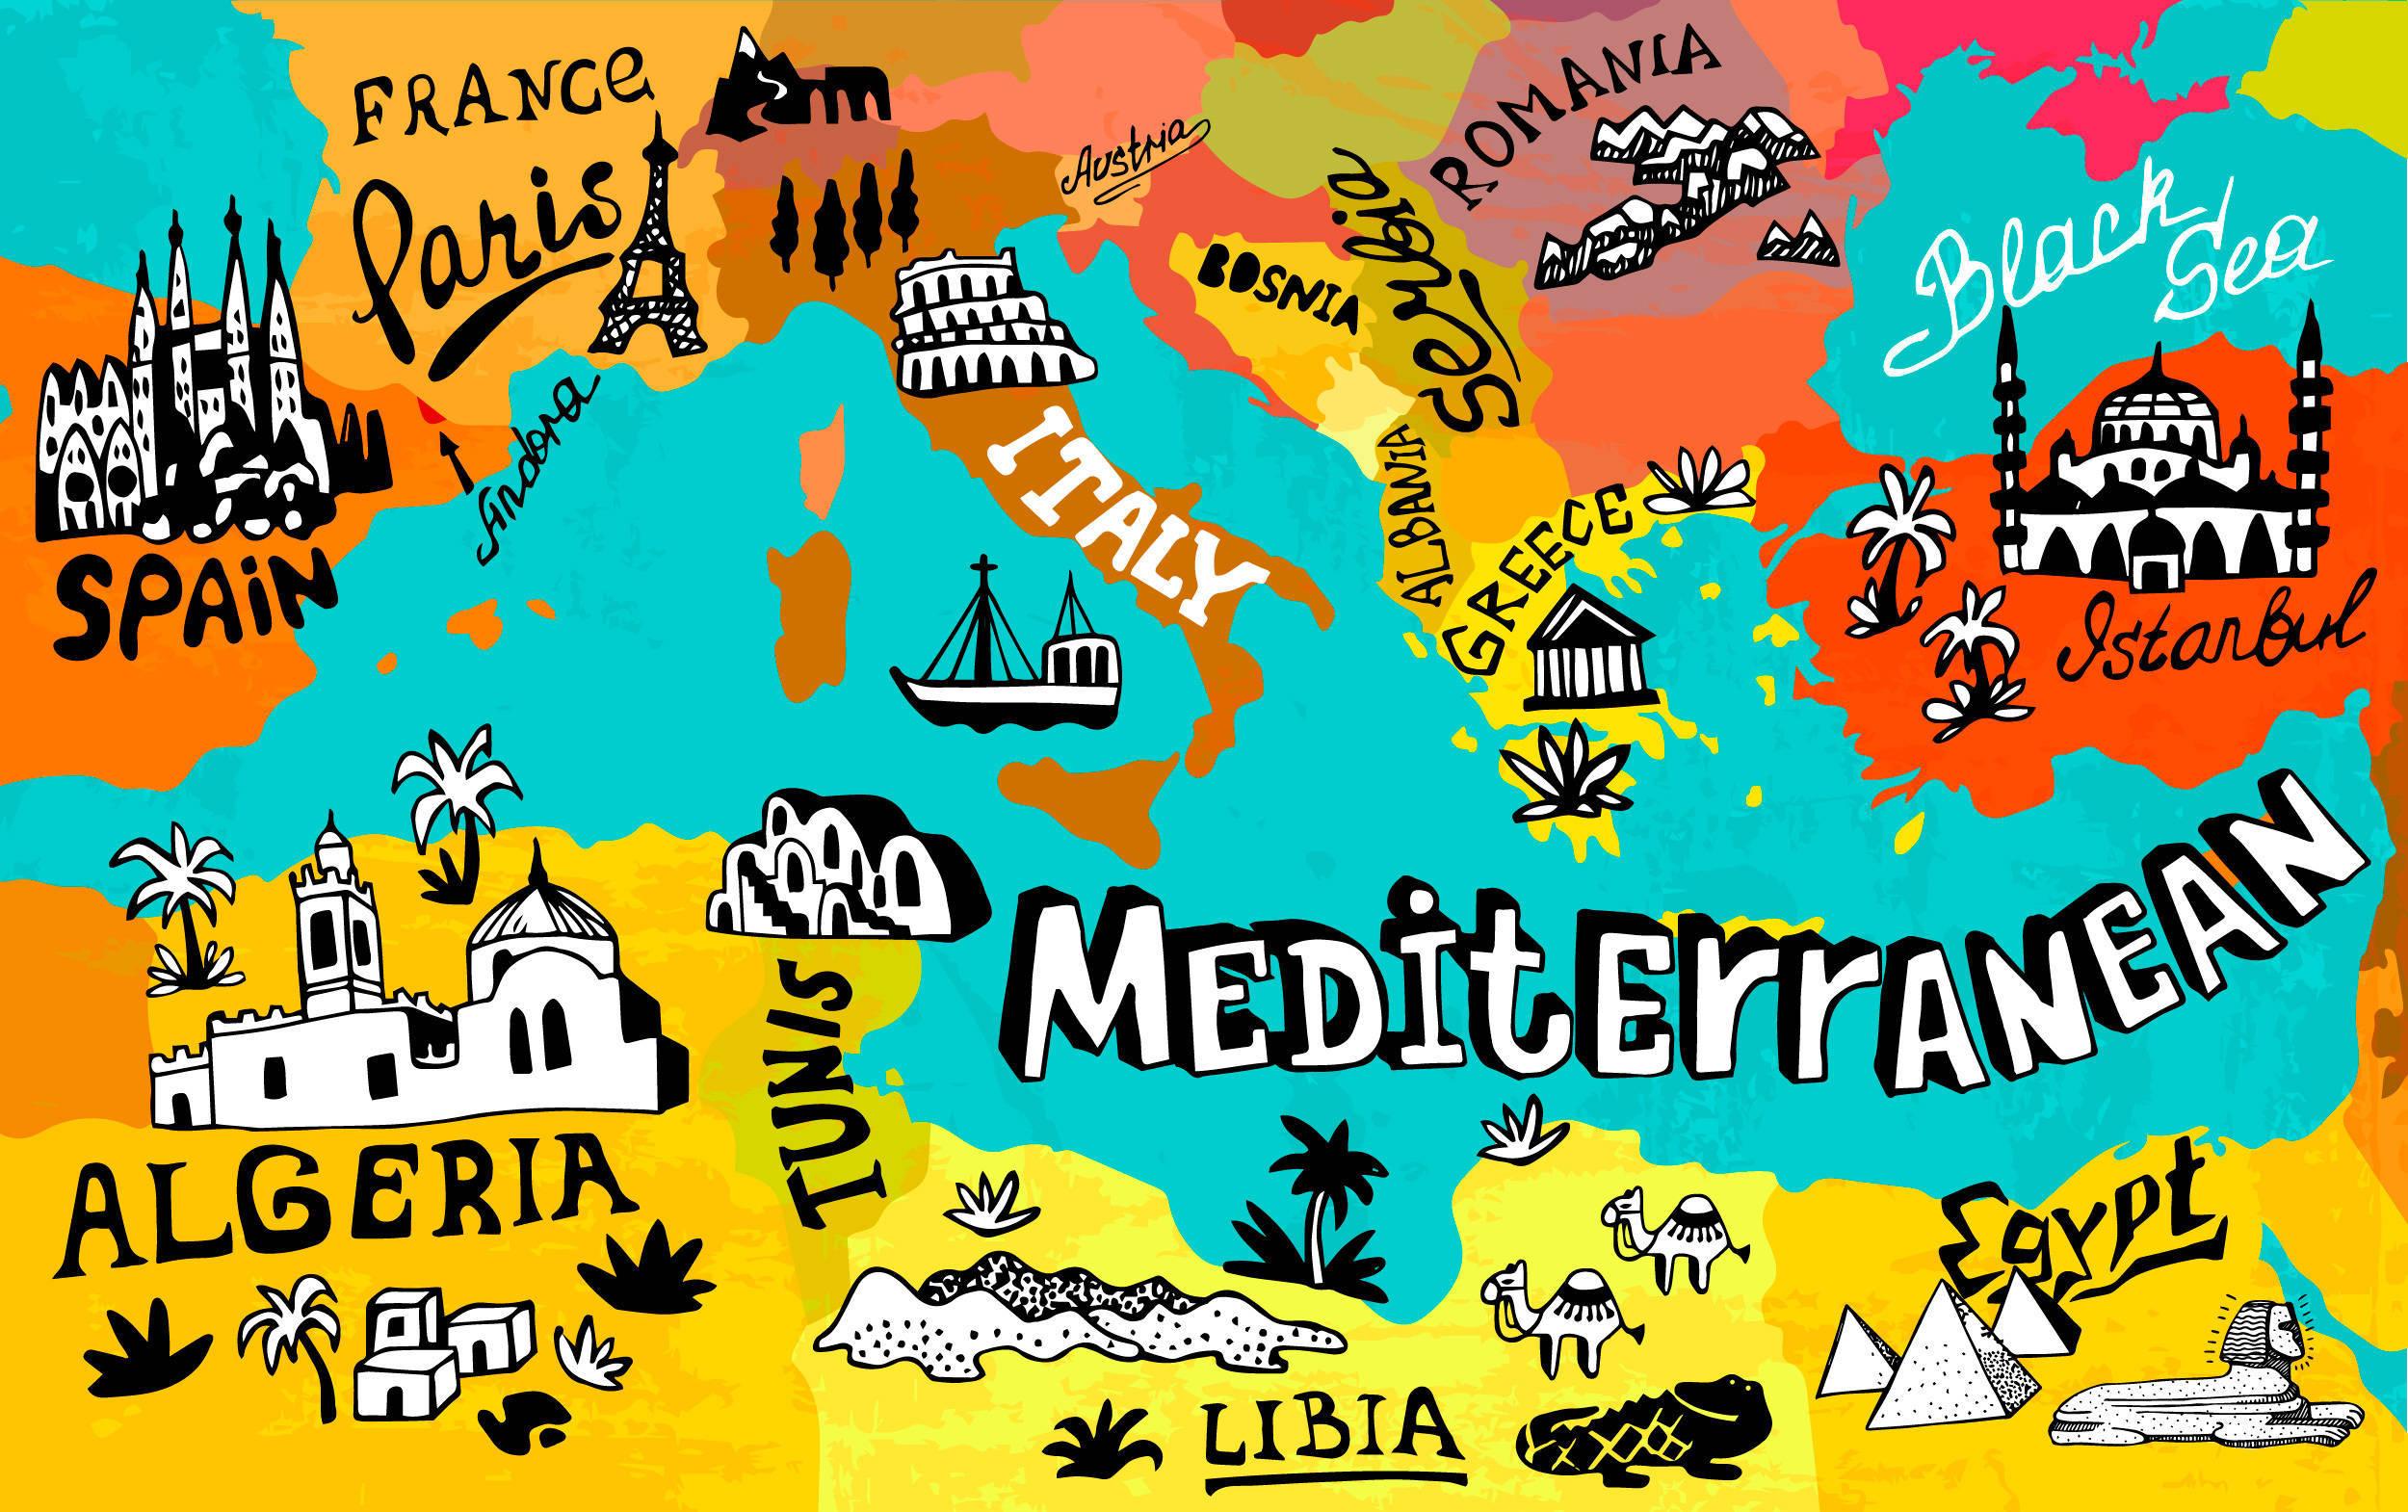 La situación geopolítica en el Mediterráneo